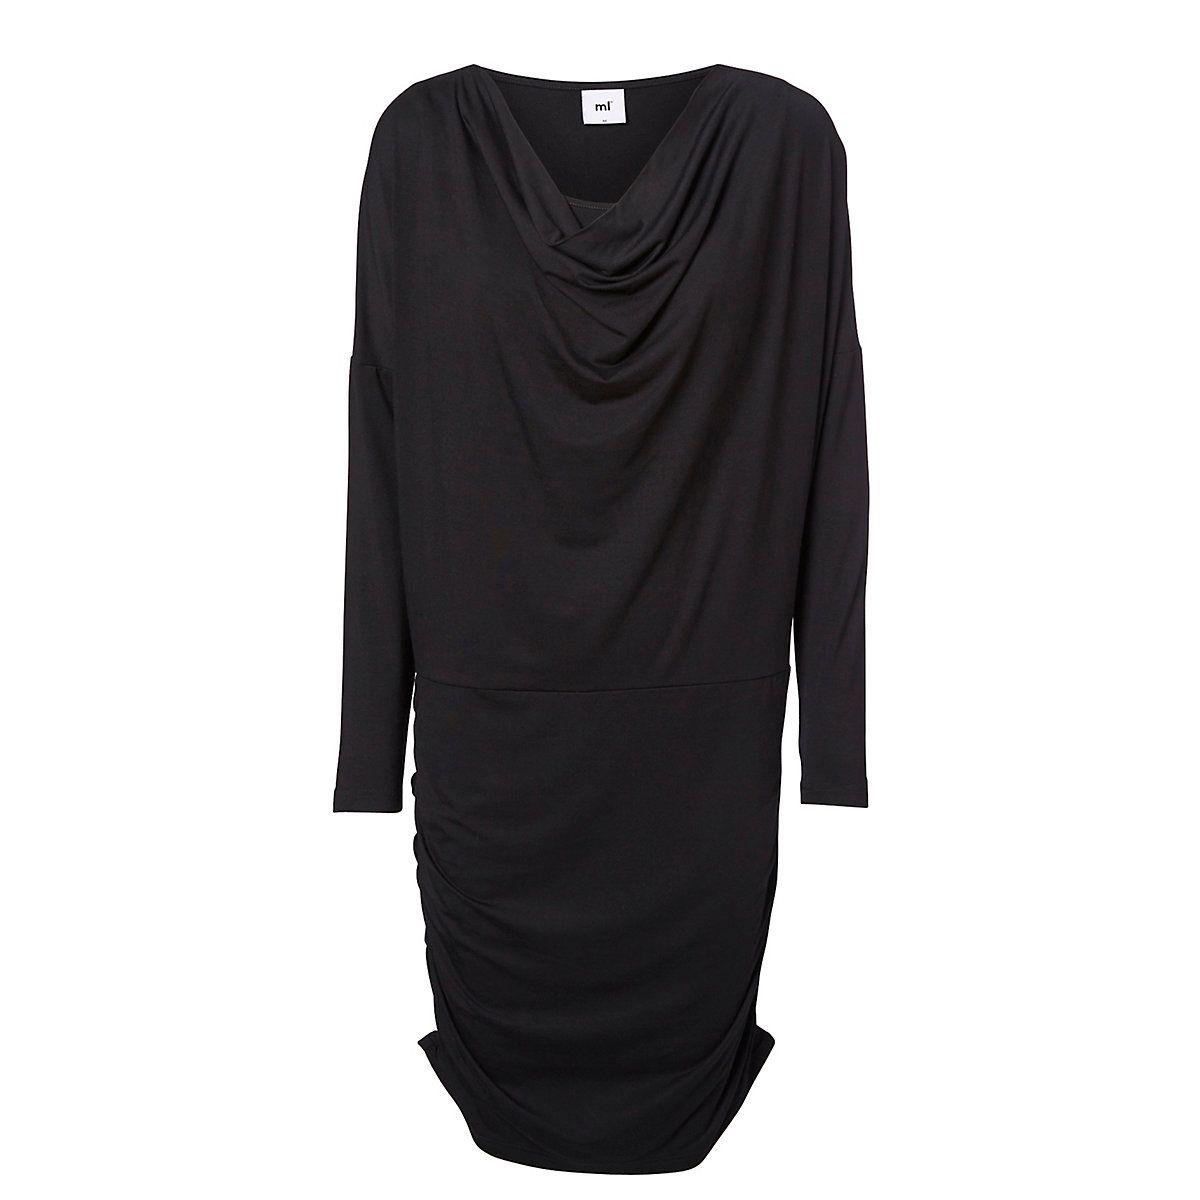 2db734e5e1659 Mamalicious Black Nursing Maternity Dress - maternity dresses - Mothercare